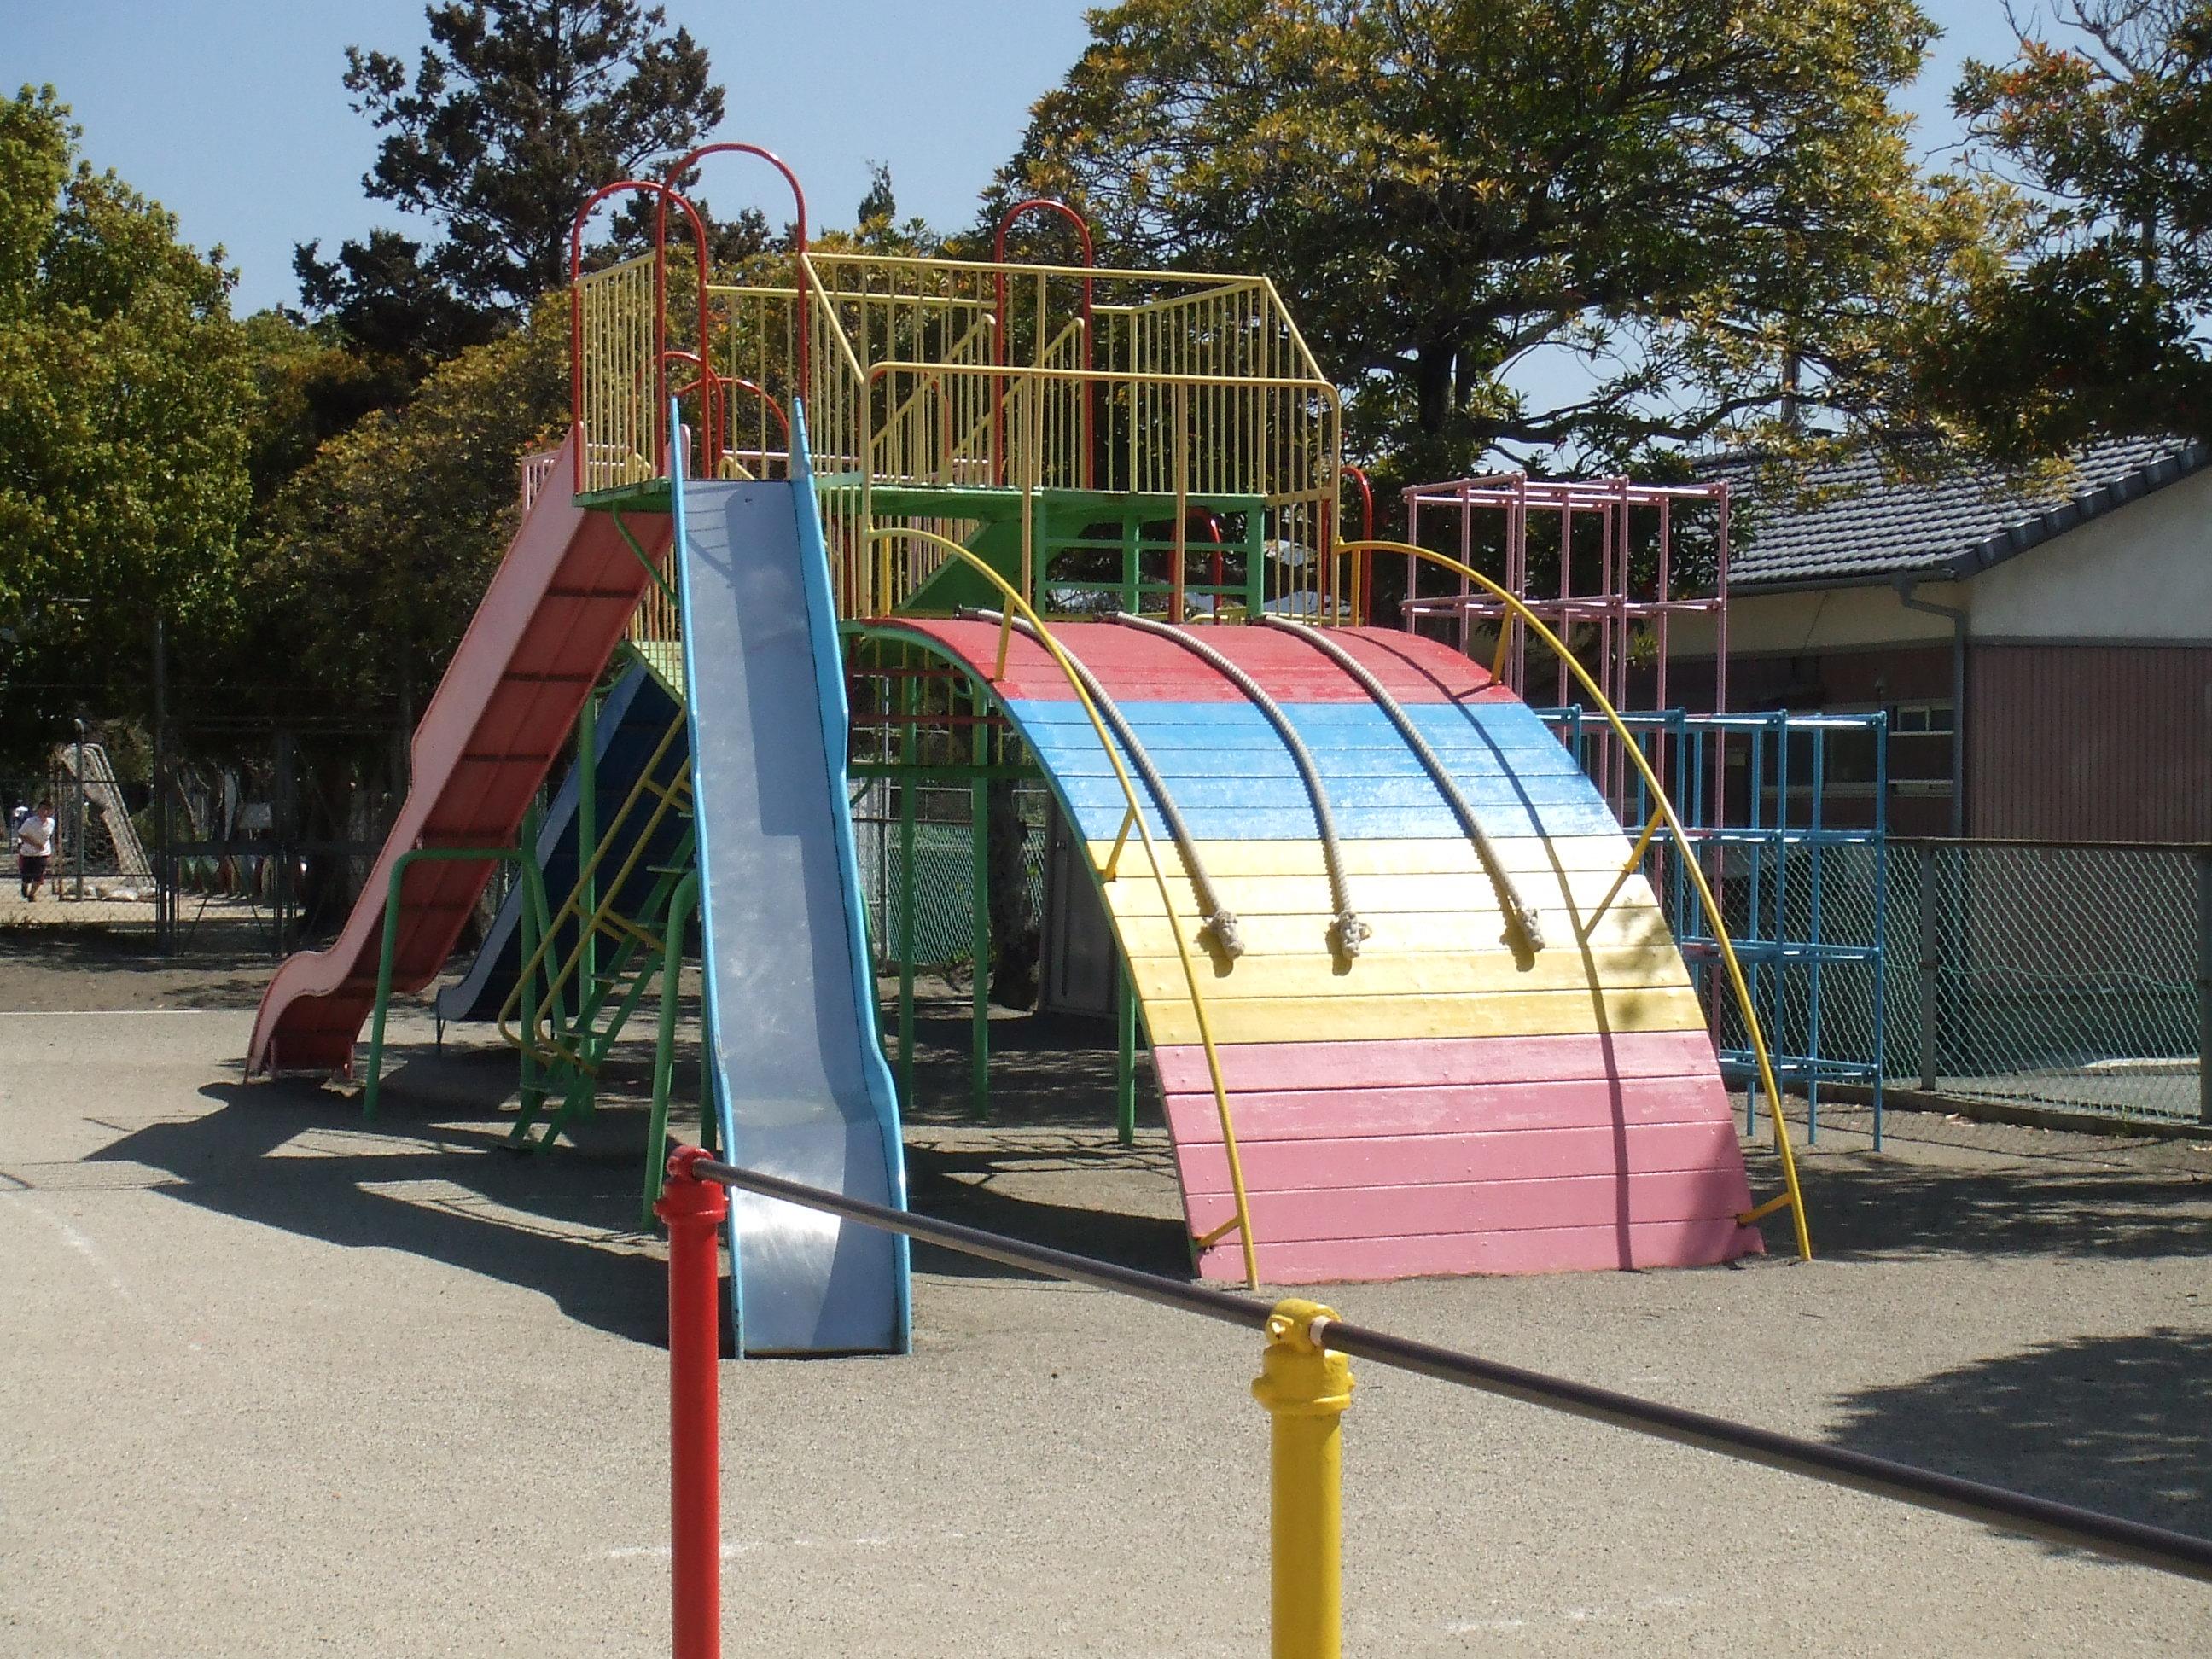 別保幼稚園   施設情報   大分市子育て支援サイトnaana(なあな)